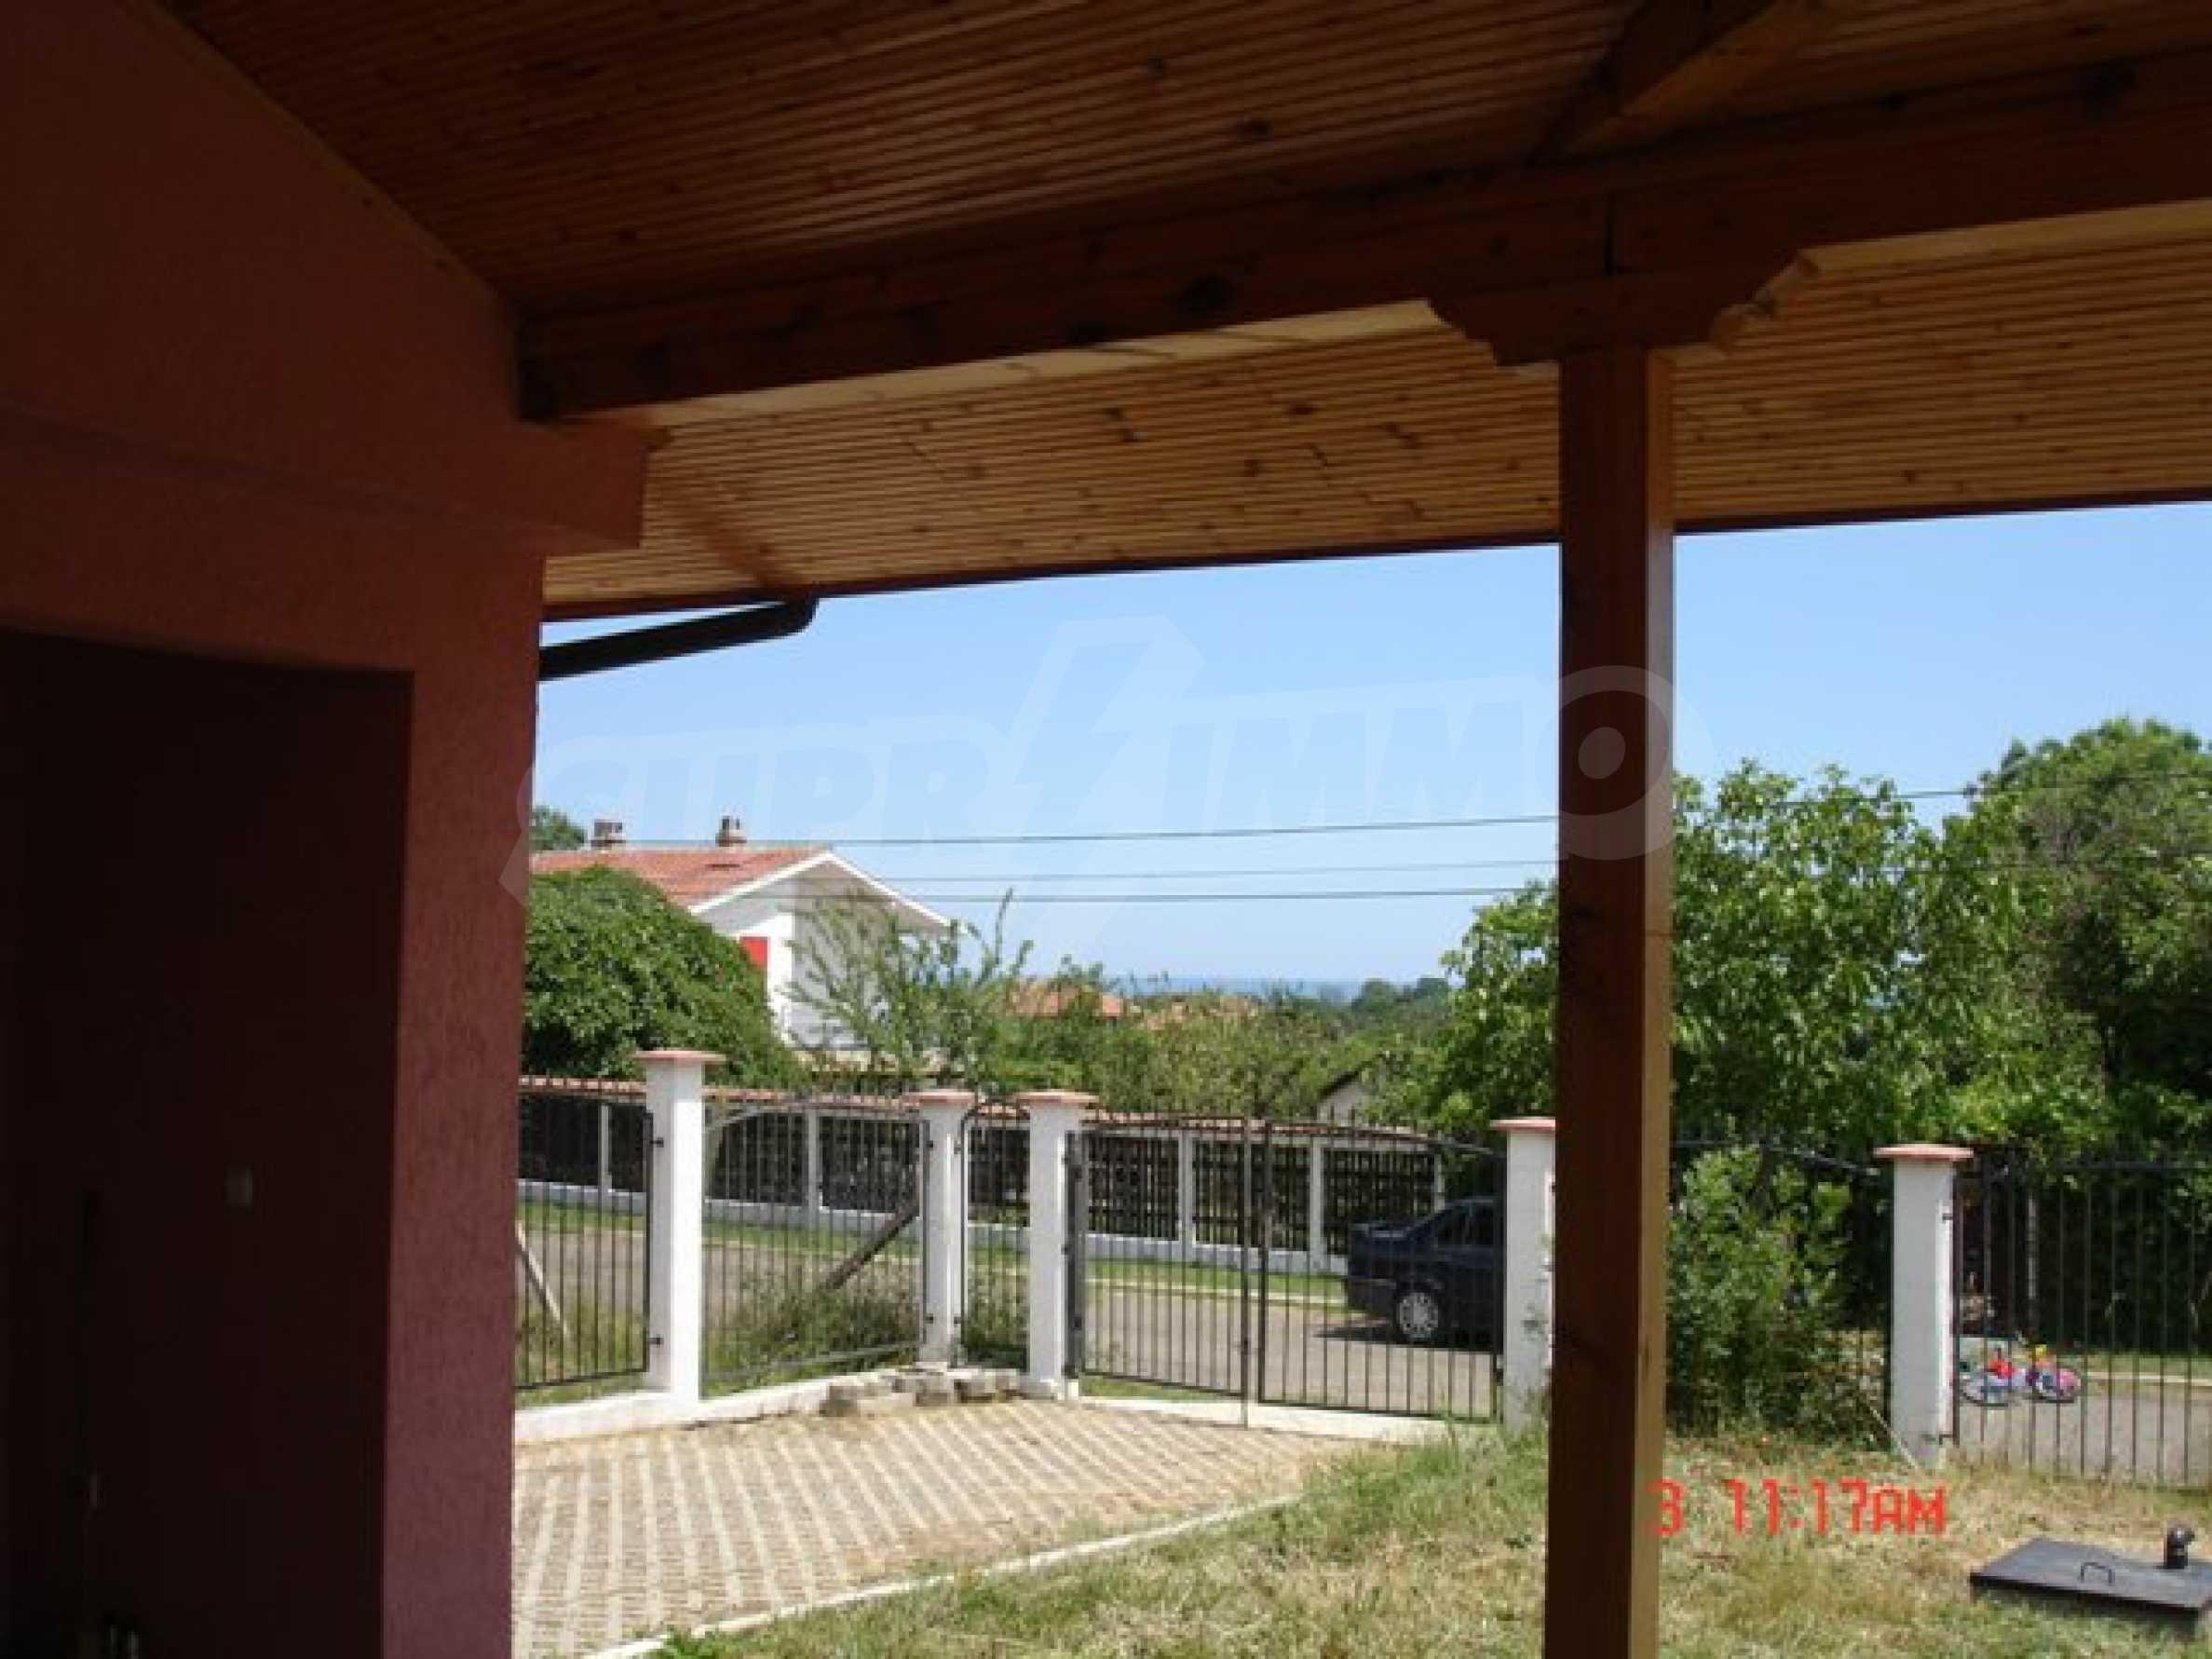 Neues Haus 1 km vom Meer entfernt 2